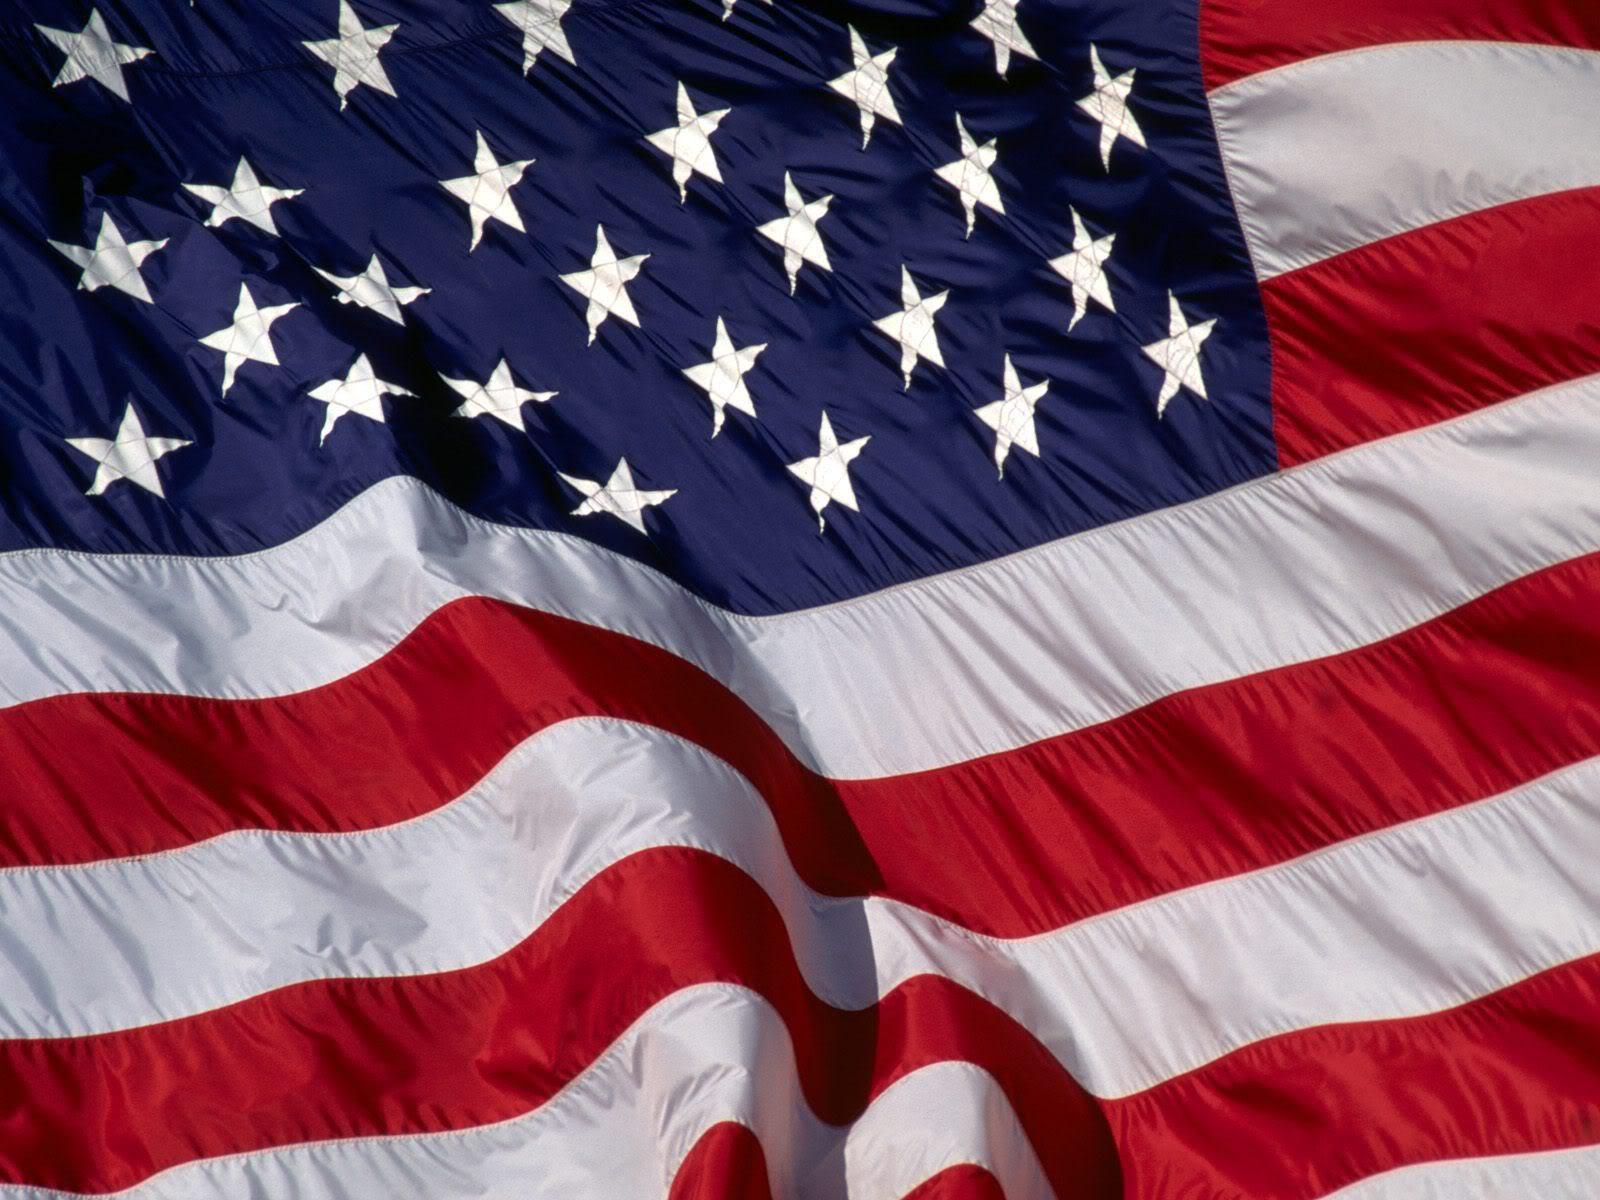 american flag screensaver